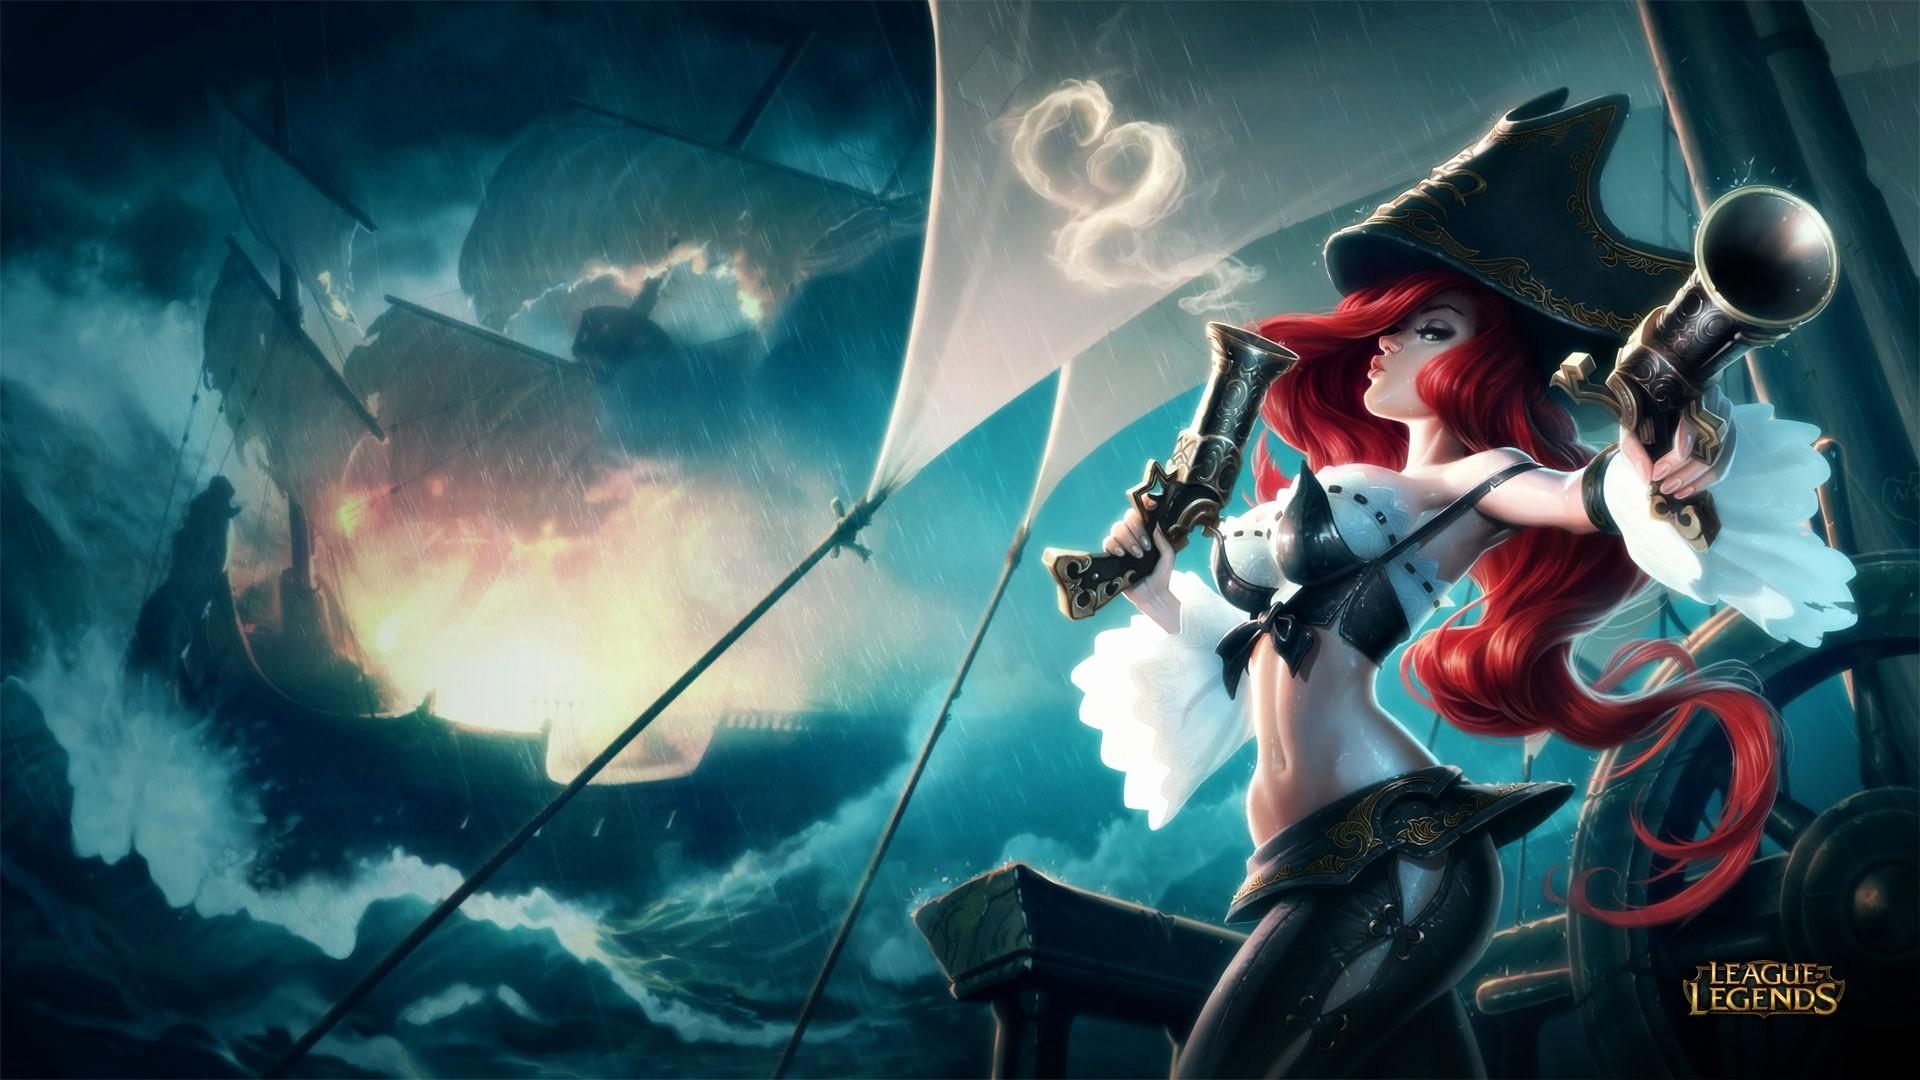 League Of Legends 4k Wallpaper 54 Images